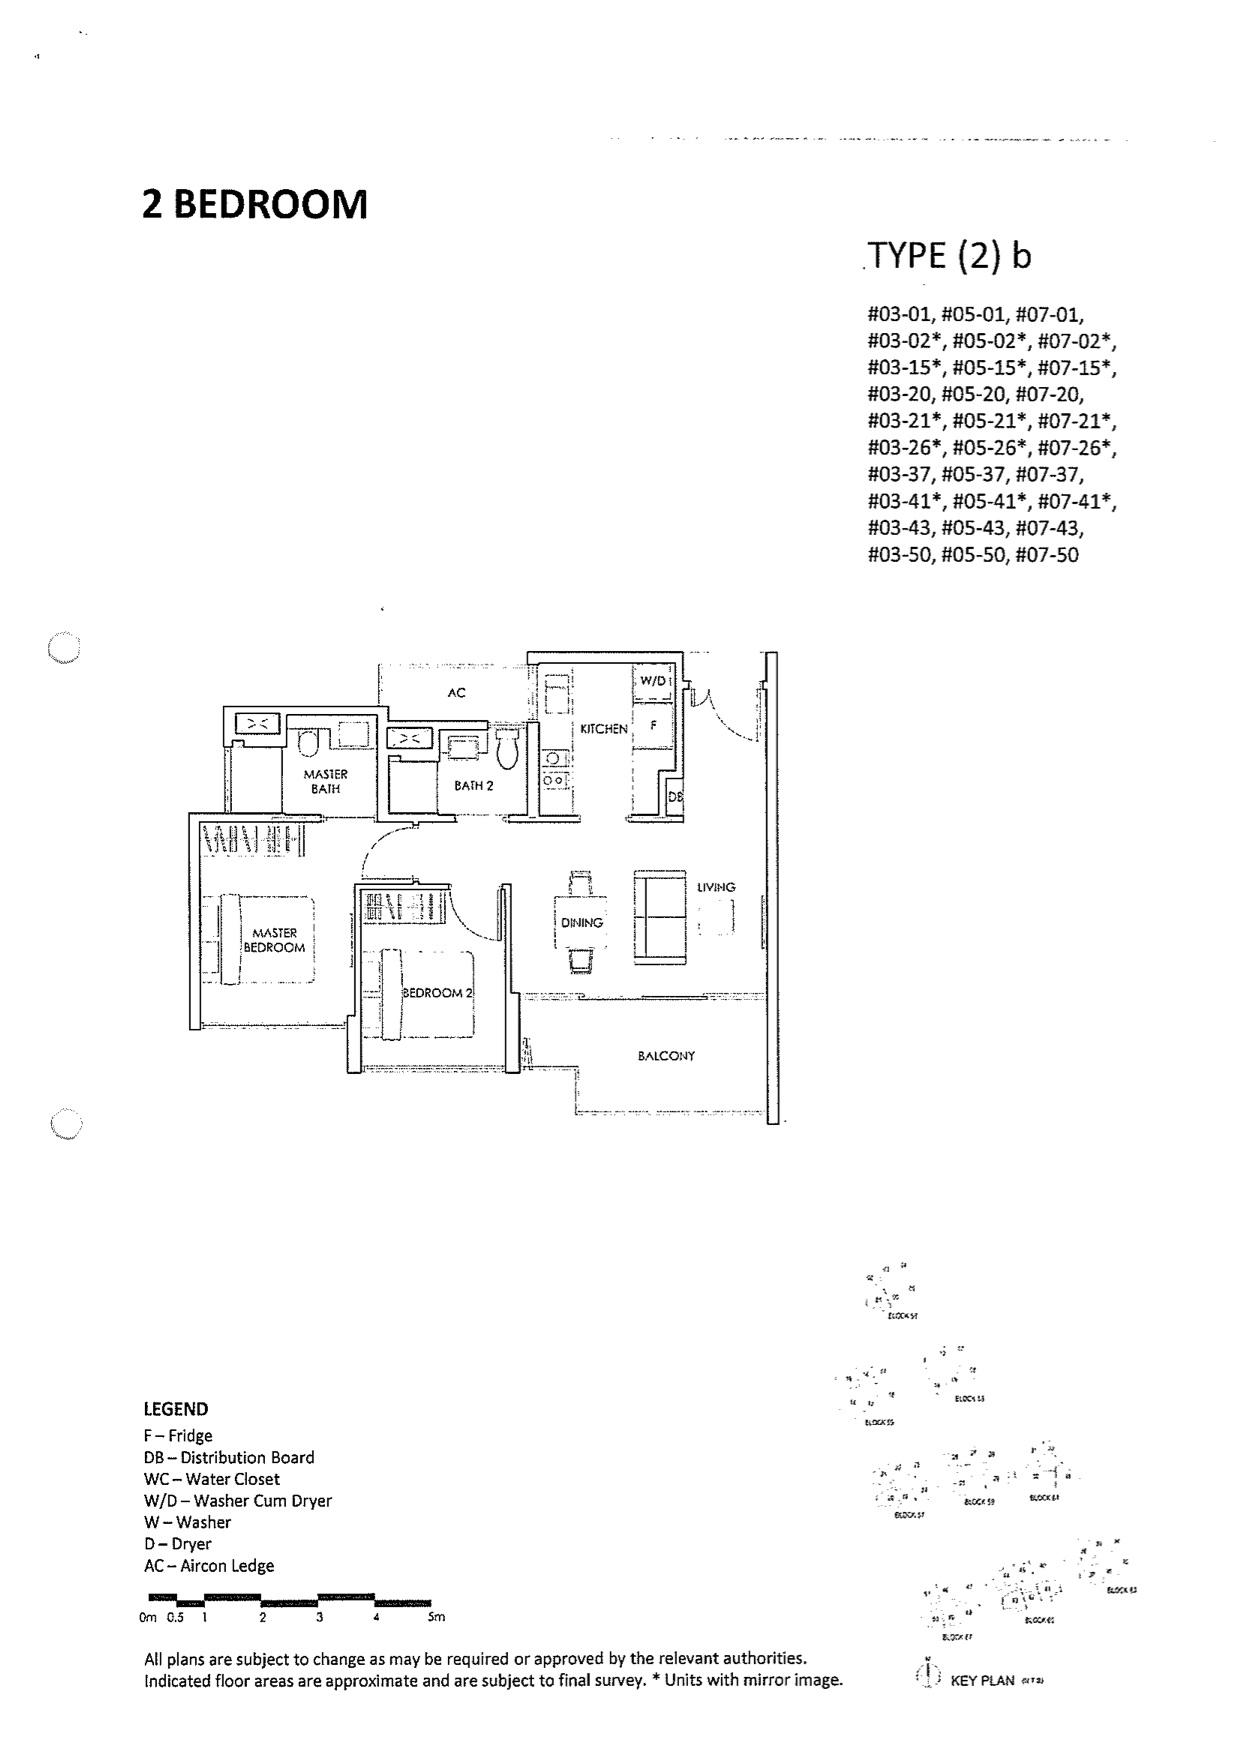 Inflora Floor Layout Plan 2 Bedroom